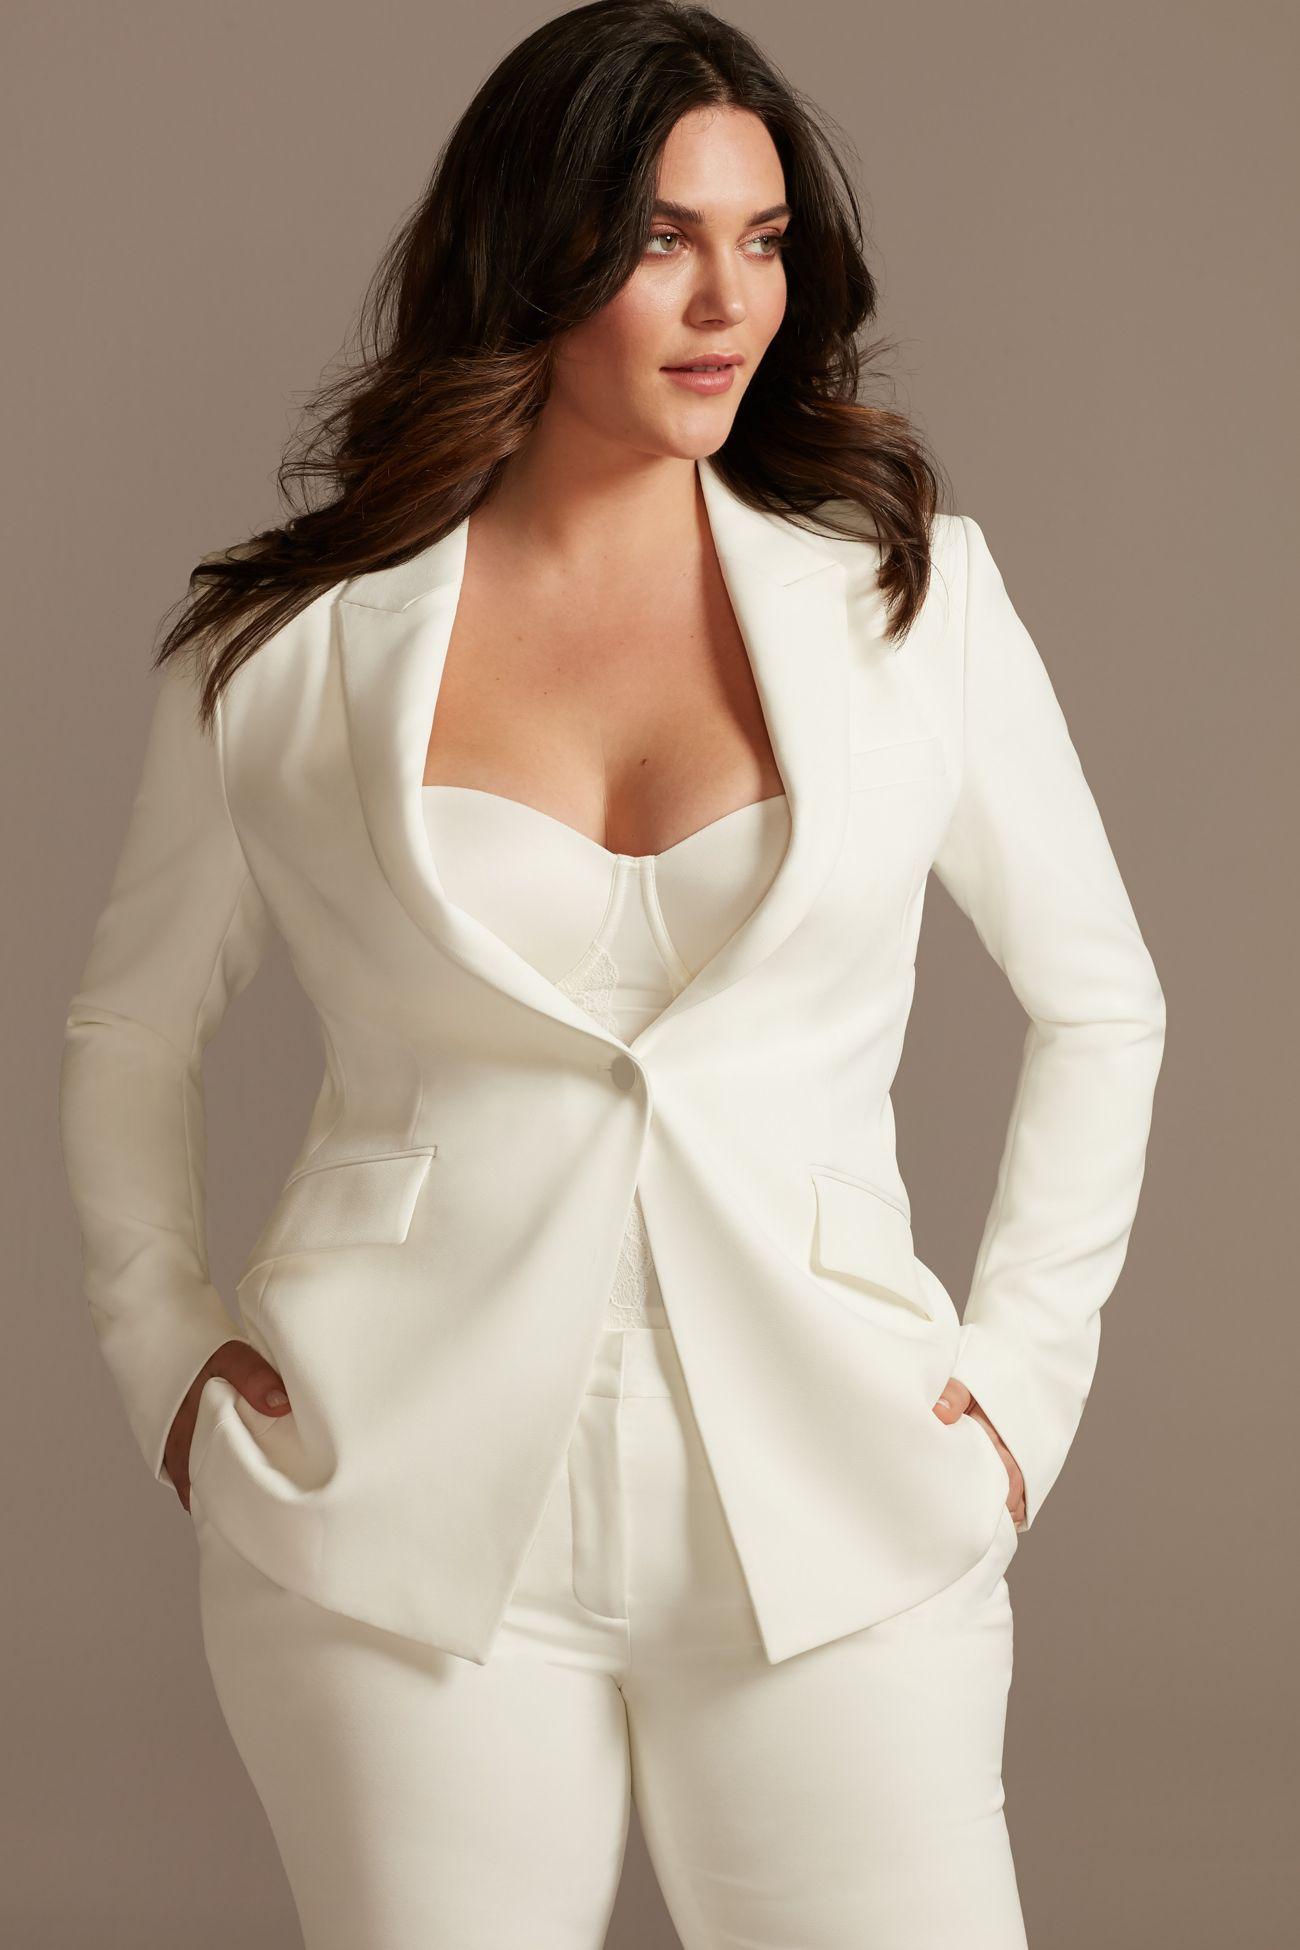 davids bridal white suit